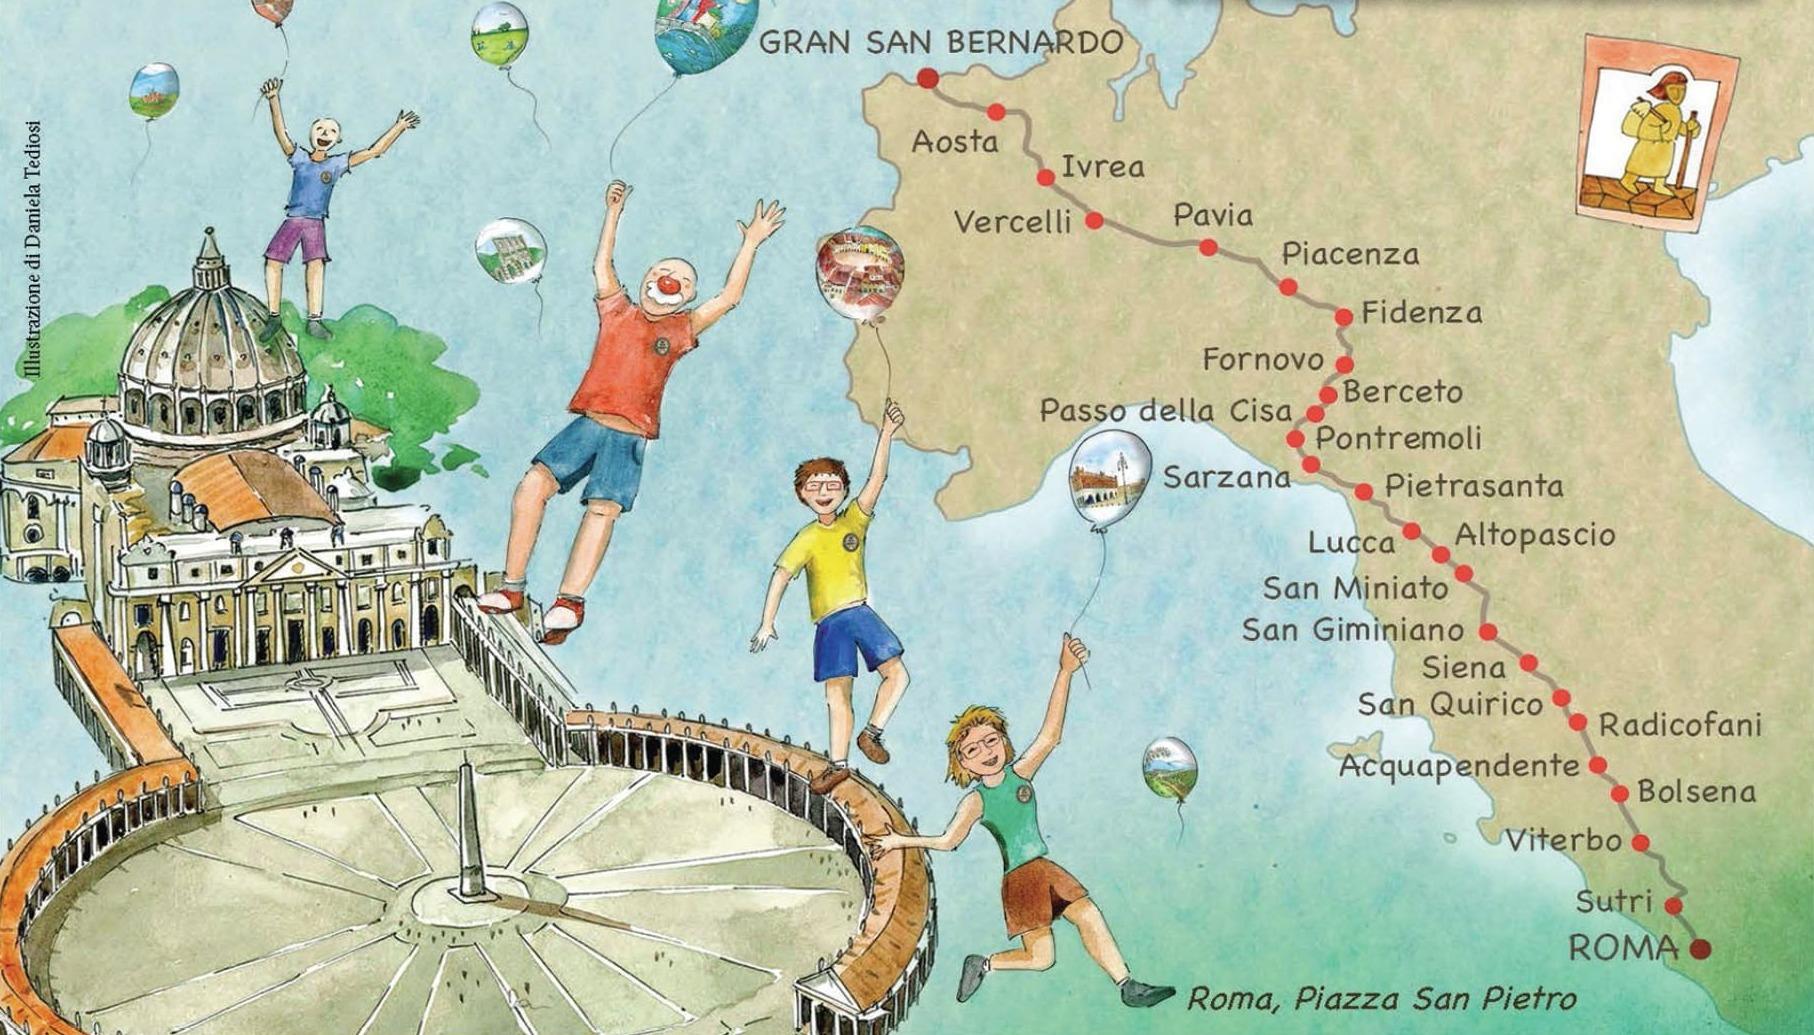 cartolina con piazza san pietro ed i bambini con i palloncini